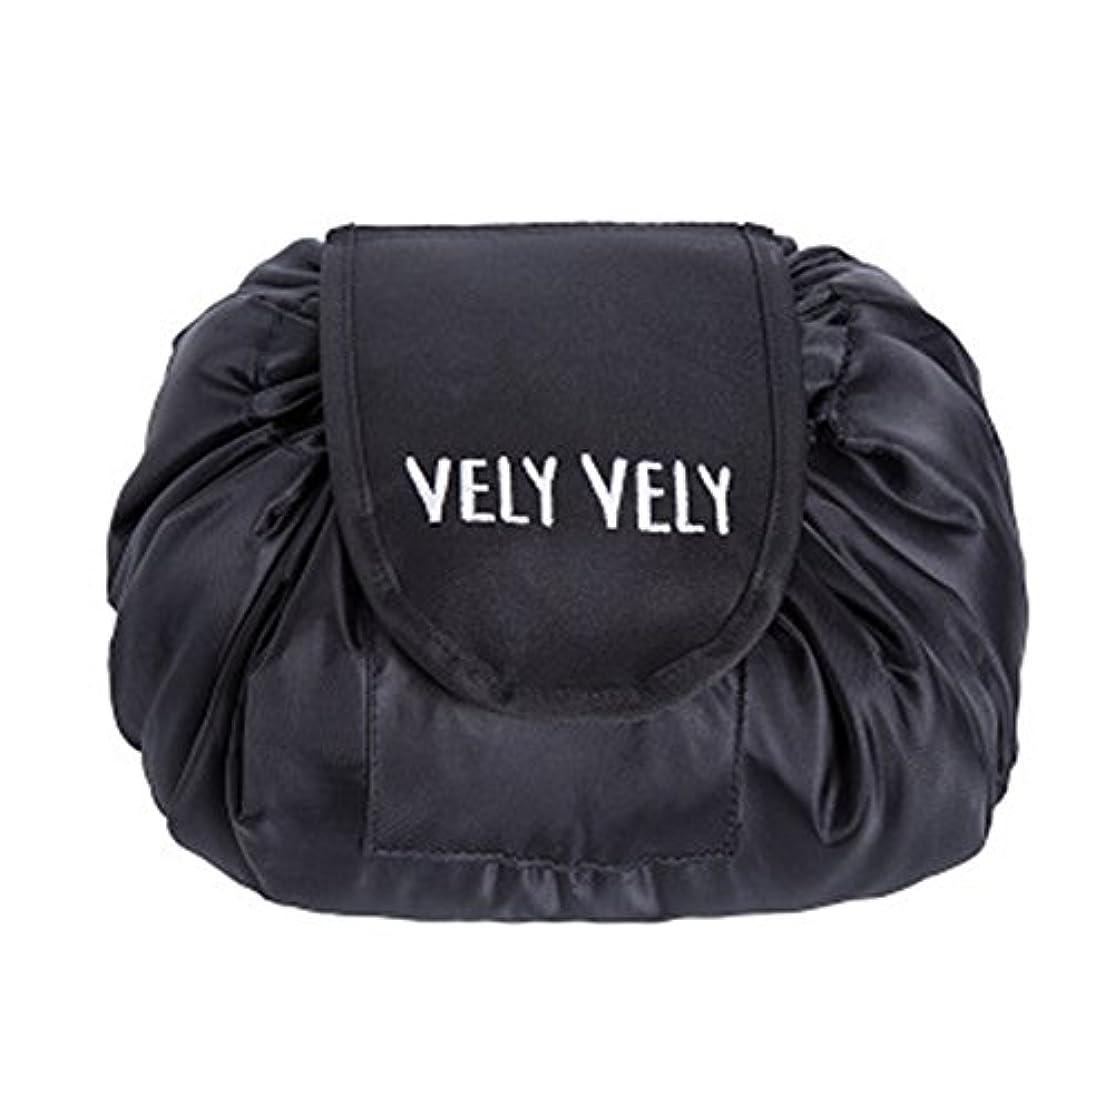 ピーク出血安心させるLittleliving 旅行メイクバッグ 旅行化粧バッグ メイク収納バッグ 化粧ポーチ 大容量 巾着 マジックふろしきポーチ